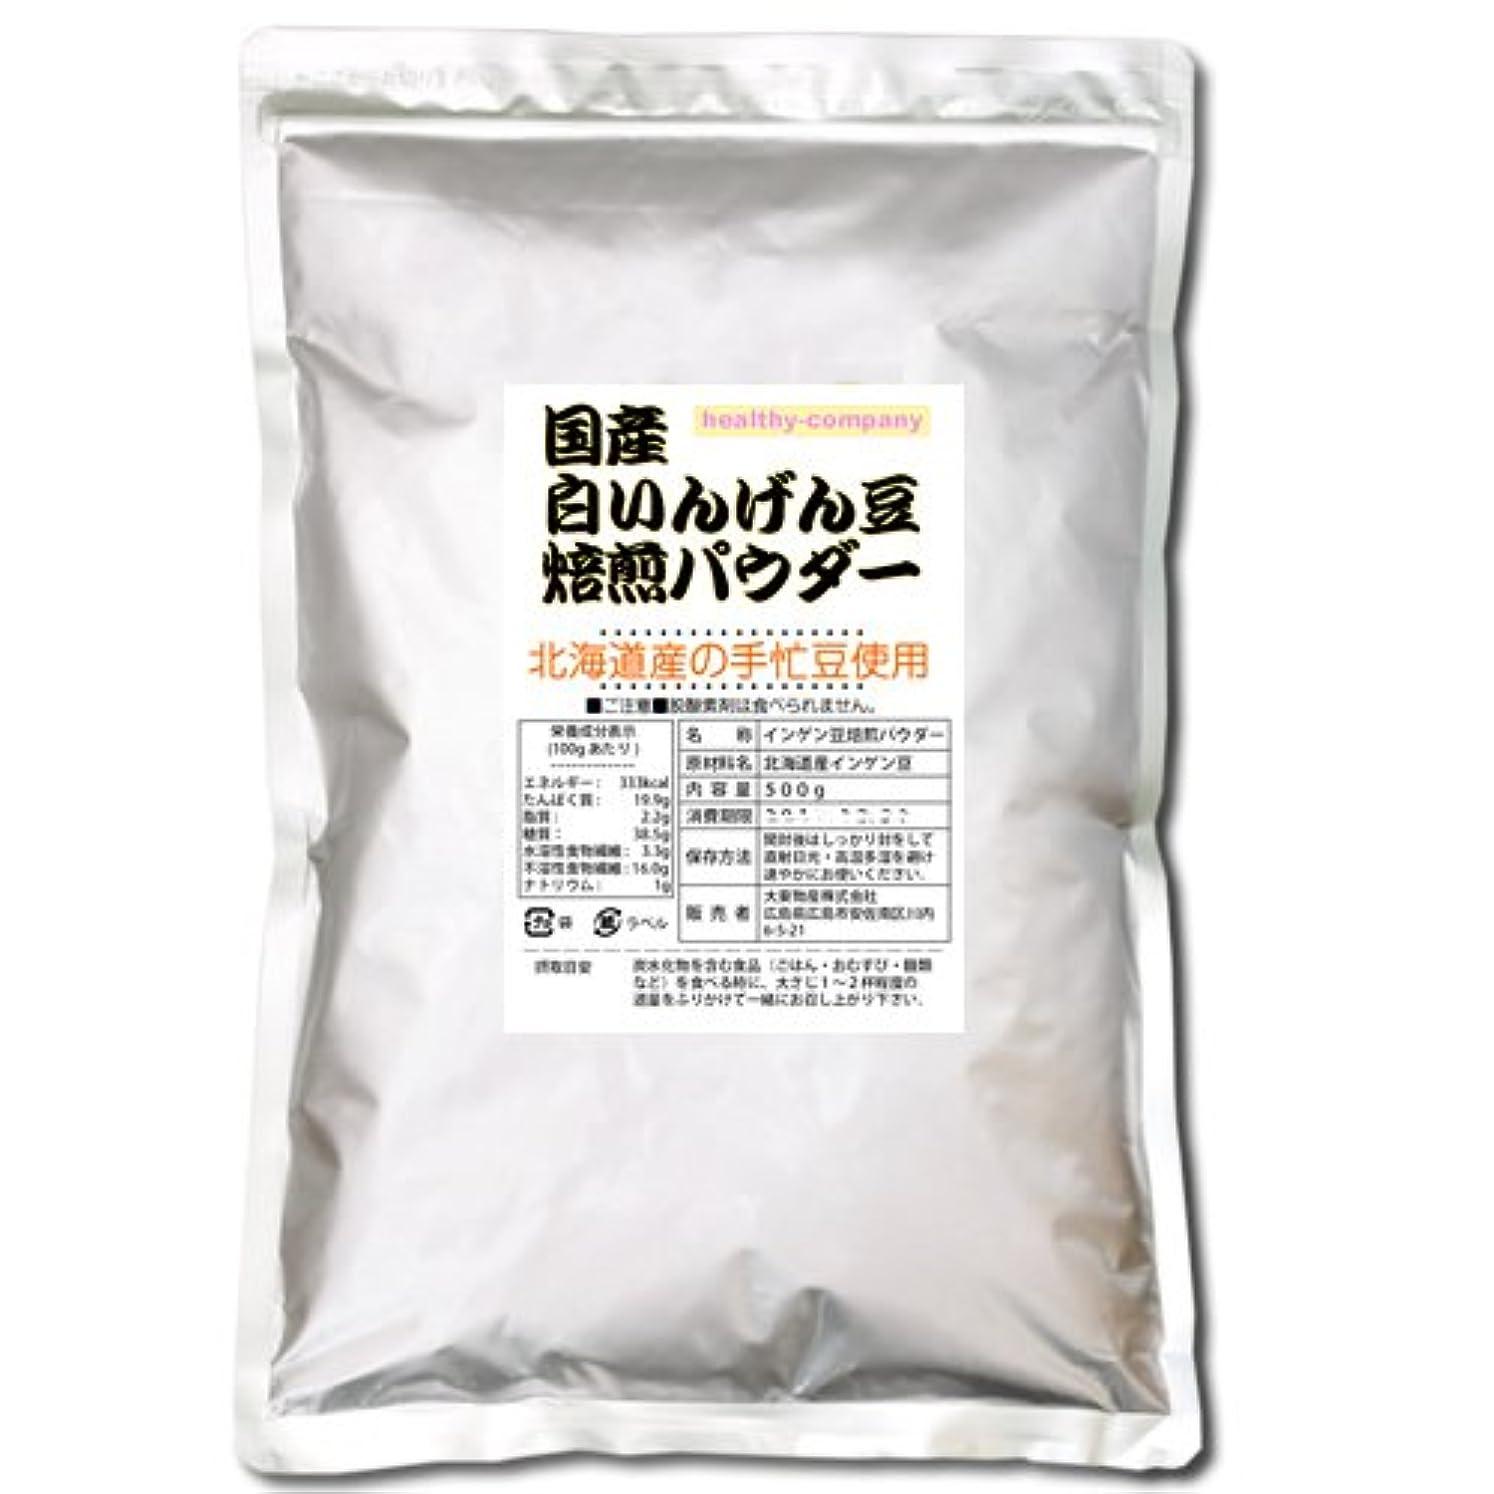 侵入するサイドボードピアノを弾く北海道産白いんげん豆パウダー500g(焙煎済み) ファセオラミンダイエット